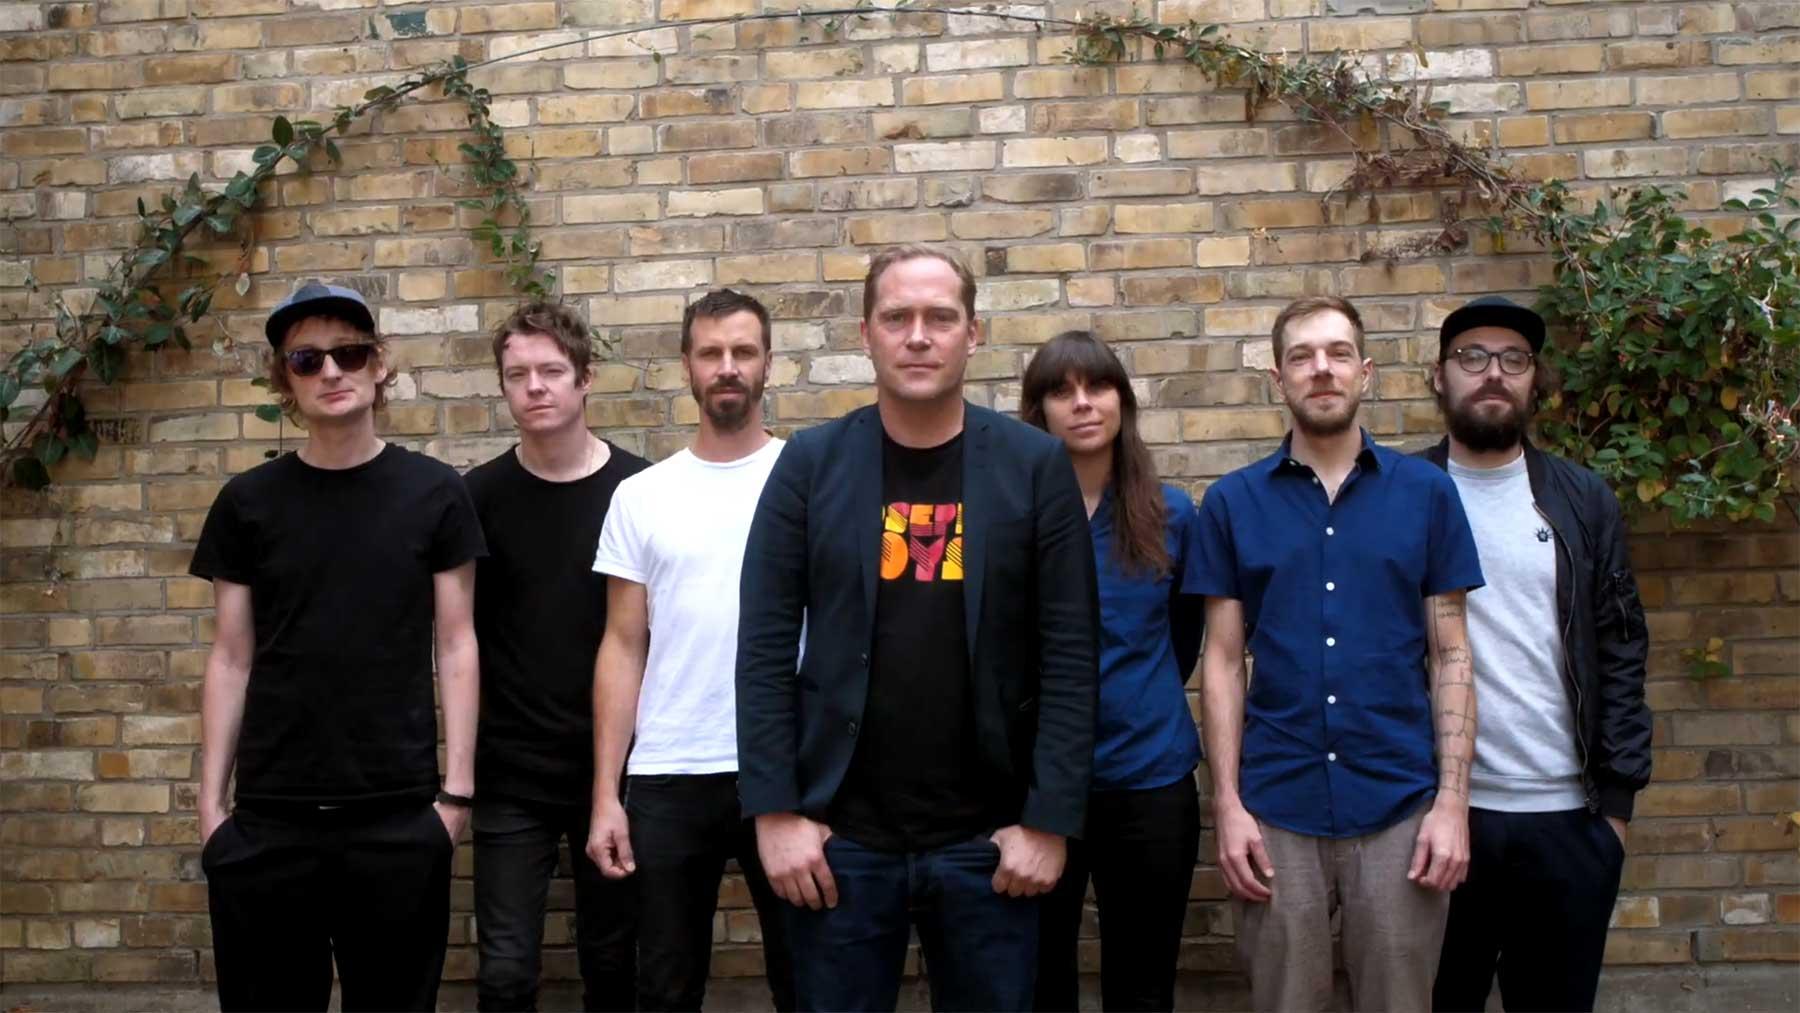 Thees Uhlmann – Fünf Jahre nicht gesungen